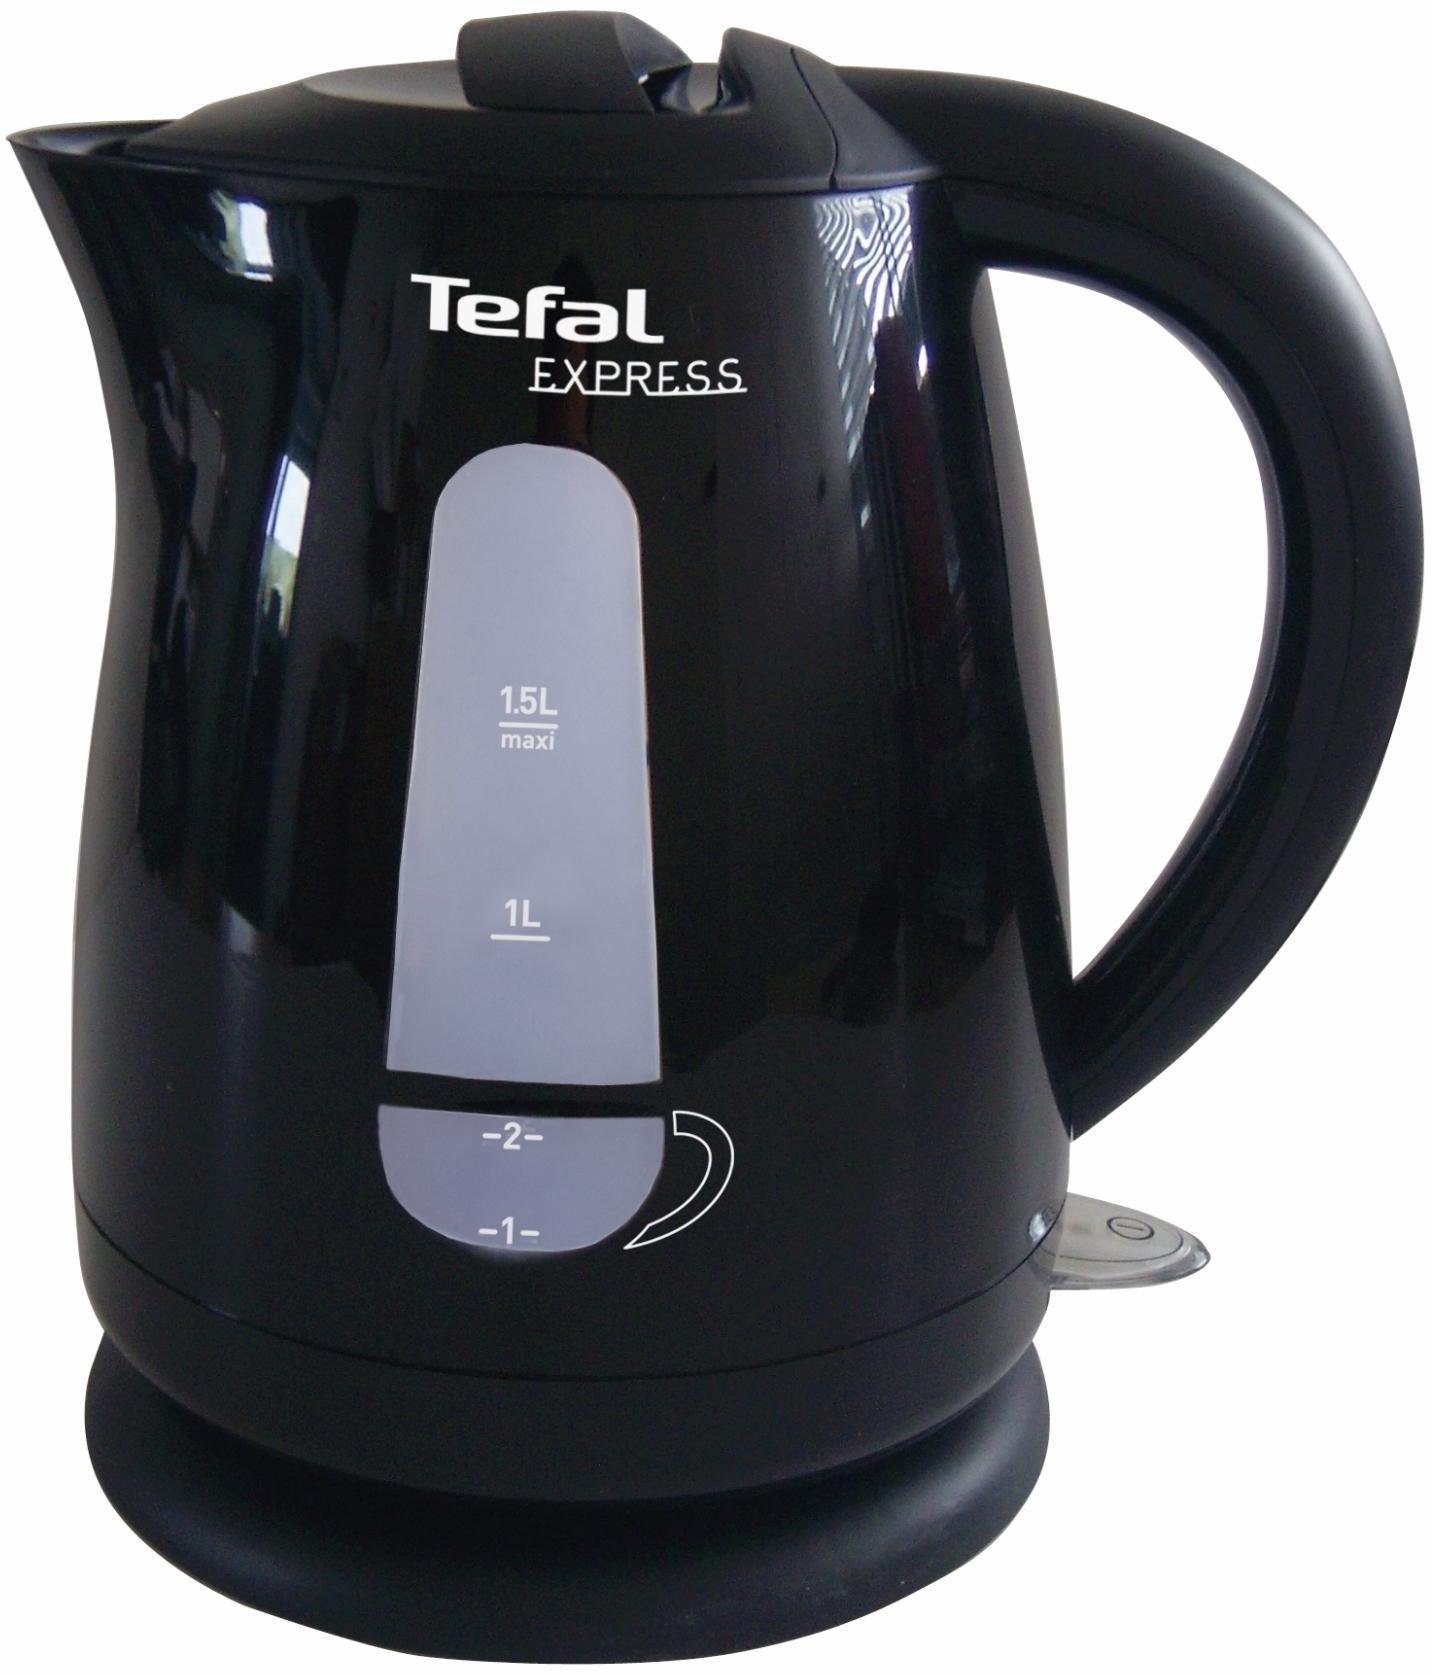 Tefal Waterkoker KO2998, 1,5 l goedkoop op otto.nl kopen